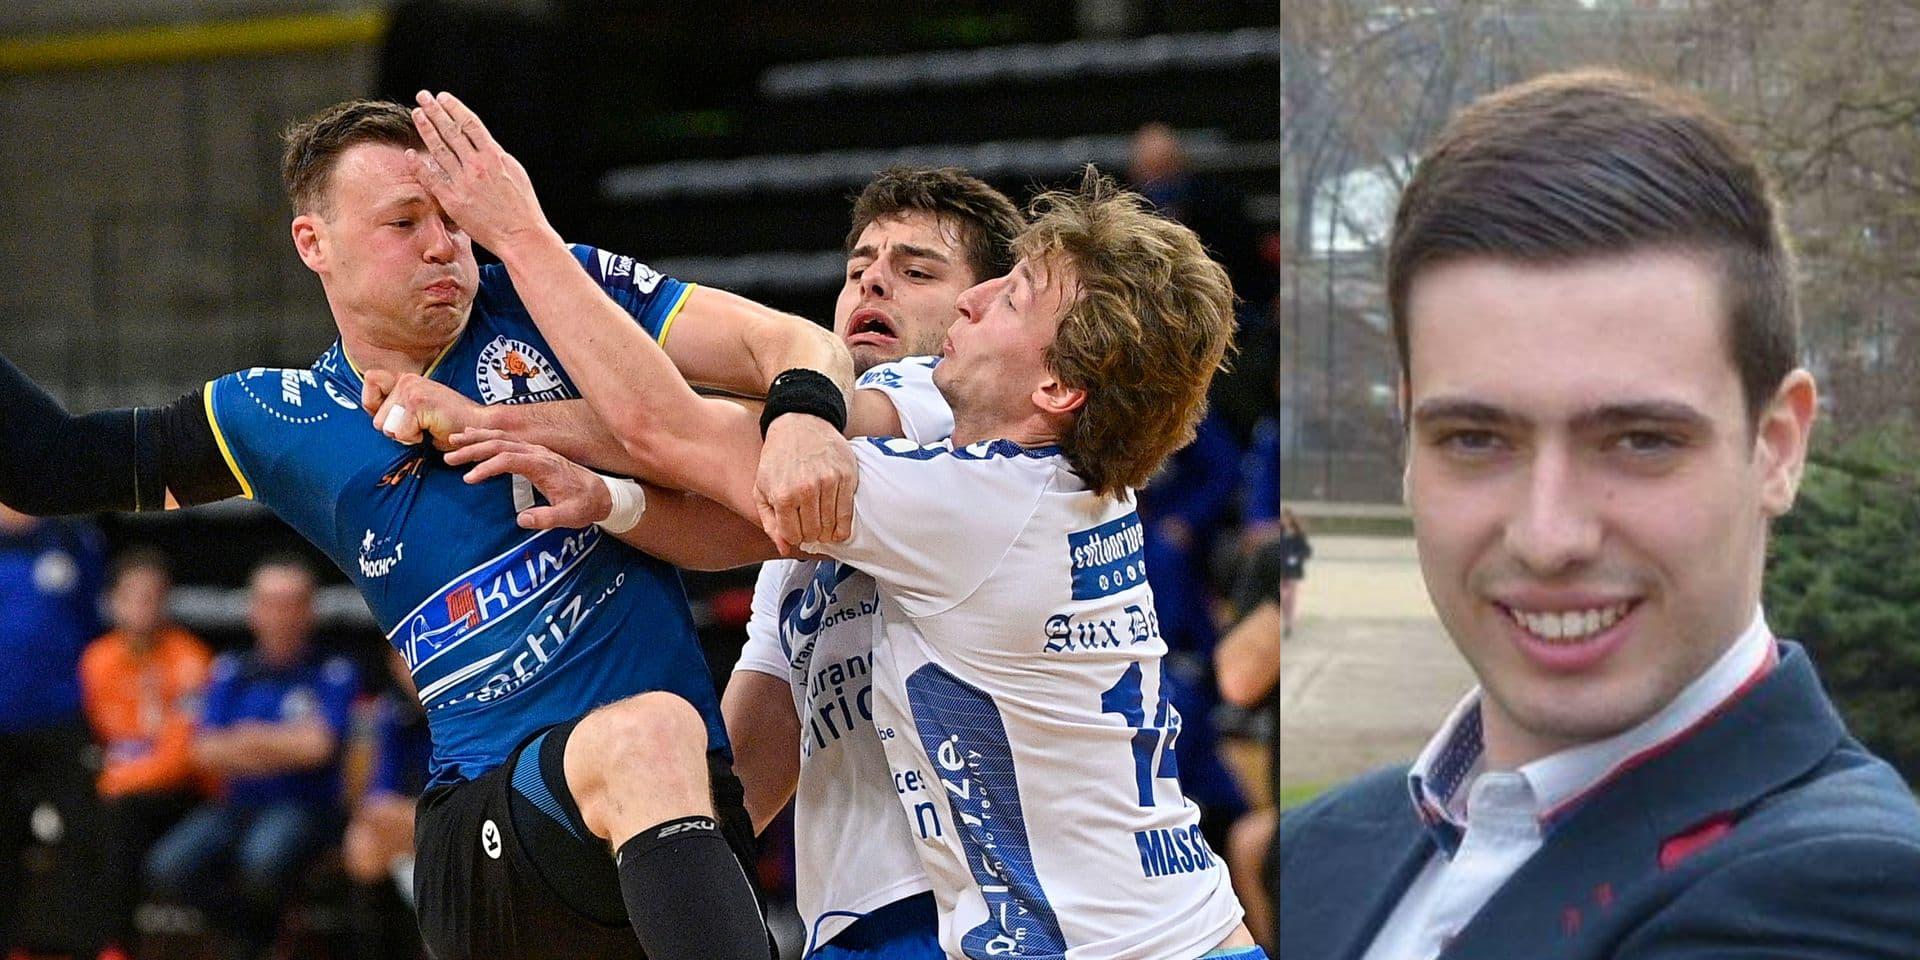 Pas de finale de championnat de Belgique en handball: un peu comme un marathon sans ligne d'arrivée…